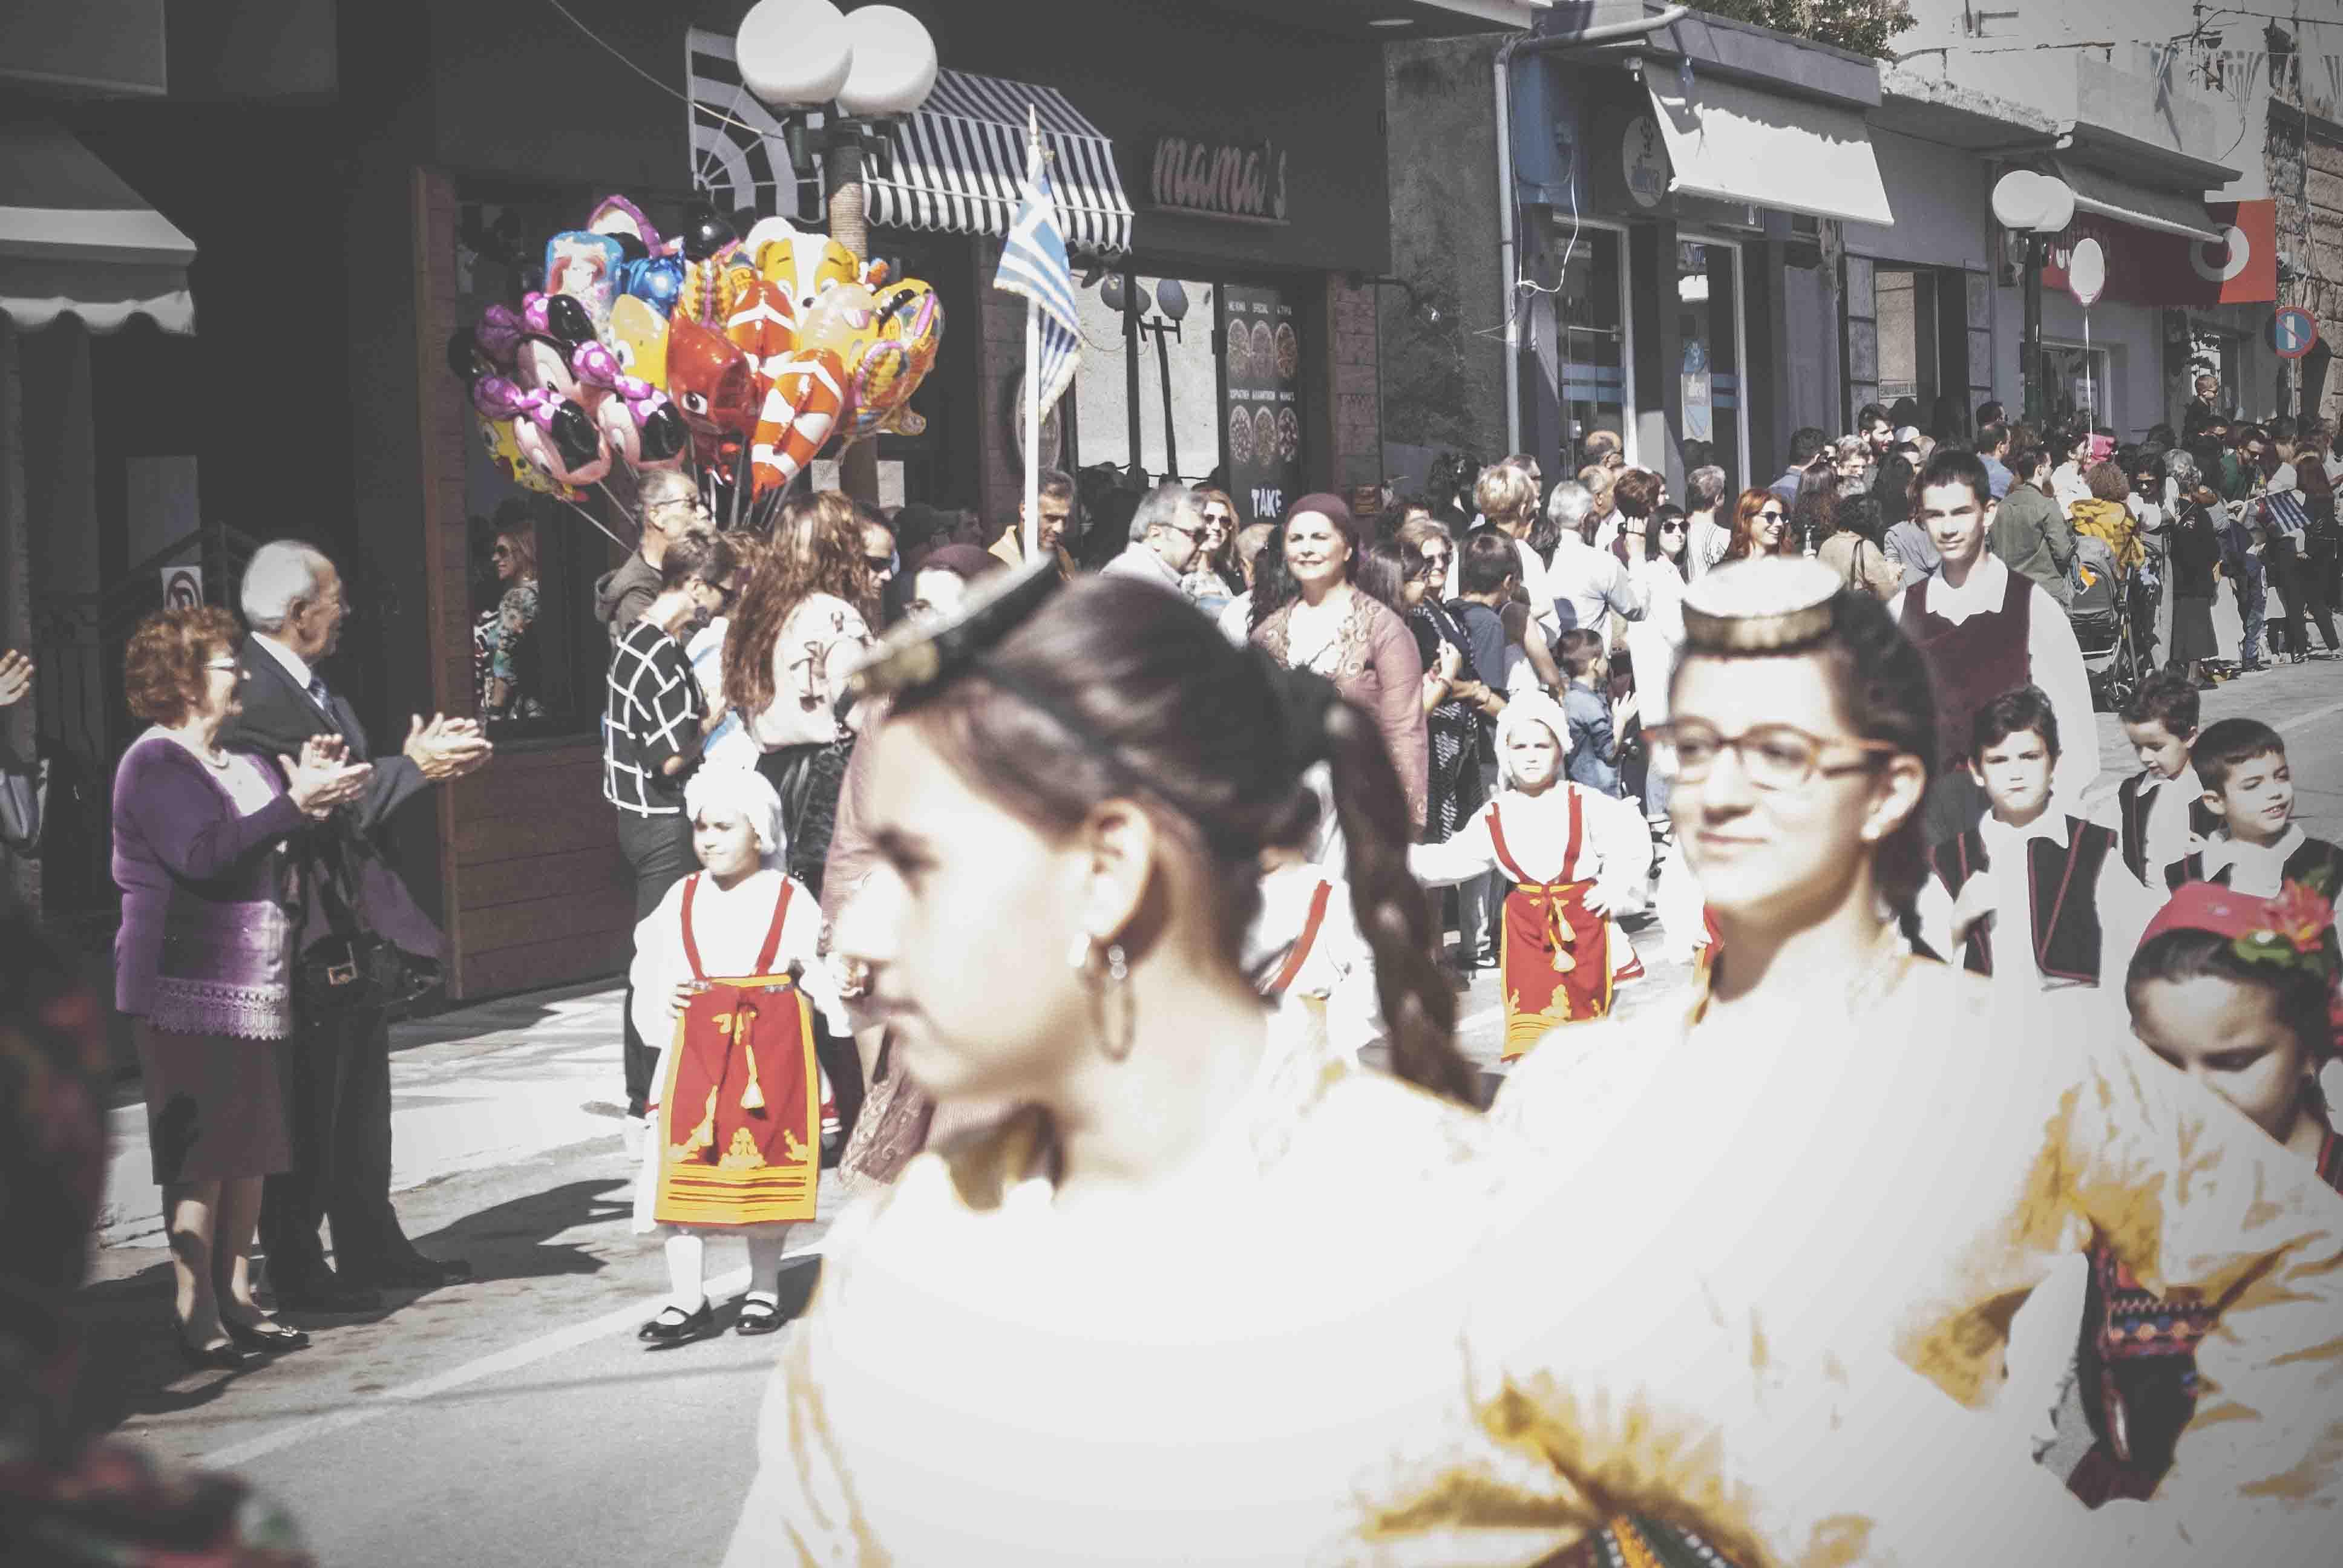 Φωτογραφικό υλικό από την παρέλαση στα Ψαχνά Φωτογραφικό υλικό από την παρέλαση στα Ψαχνά DSC 0333